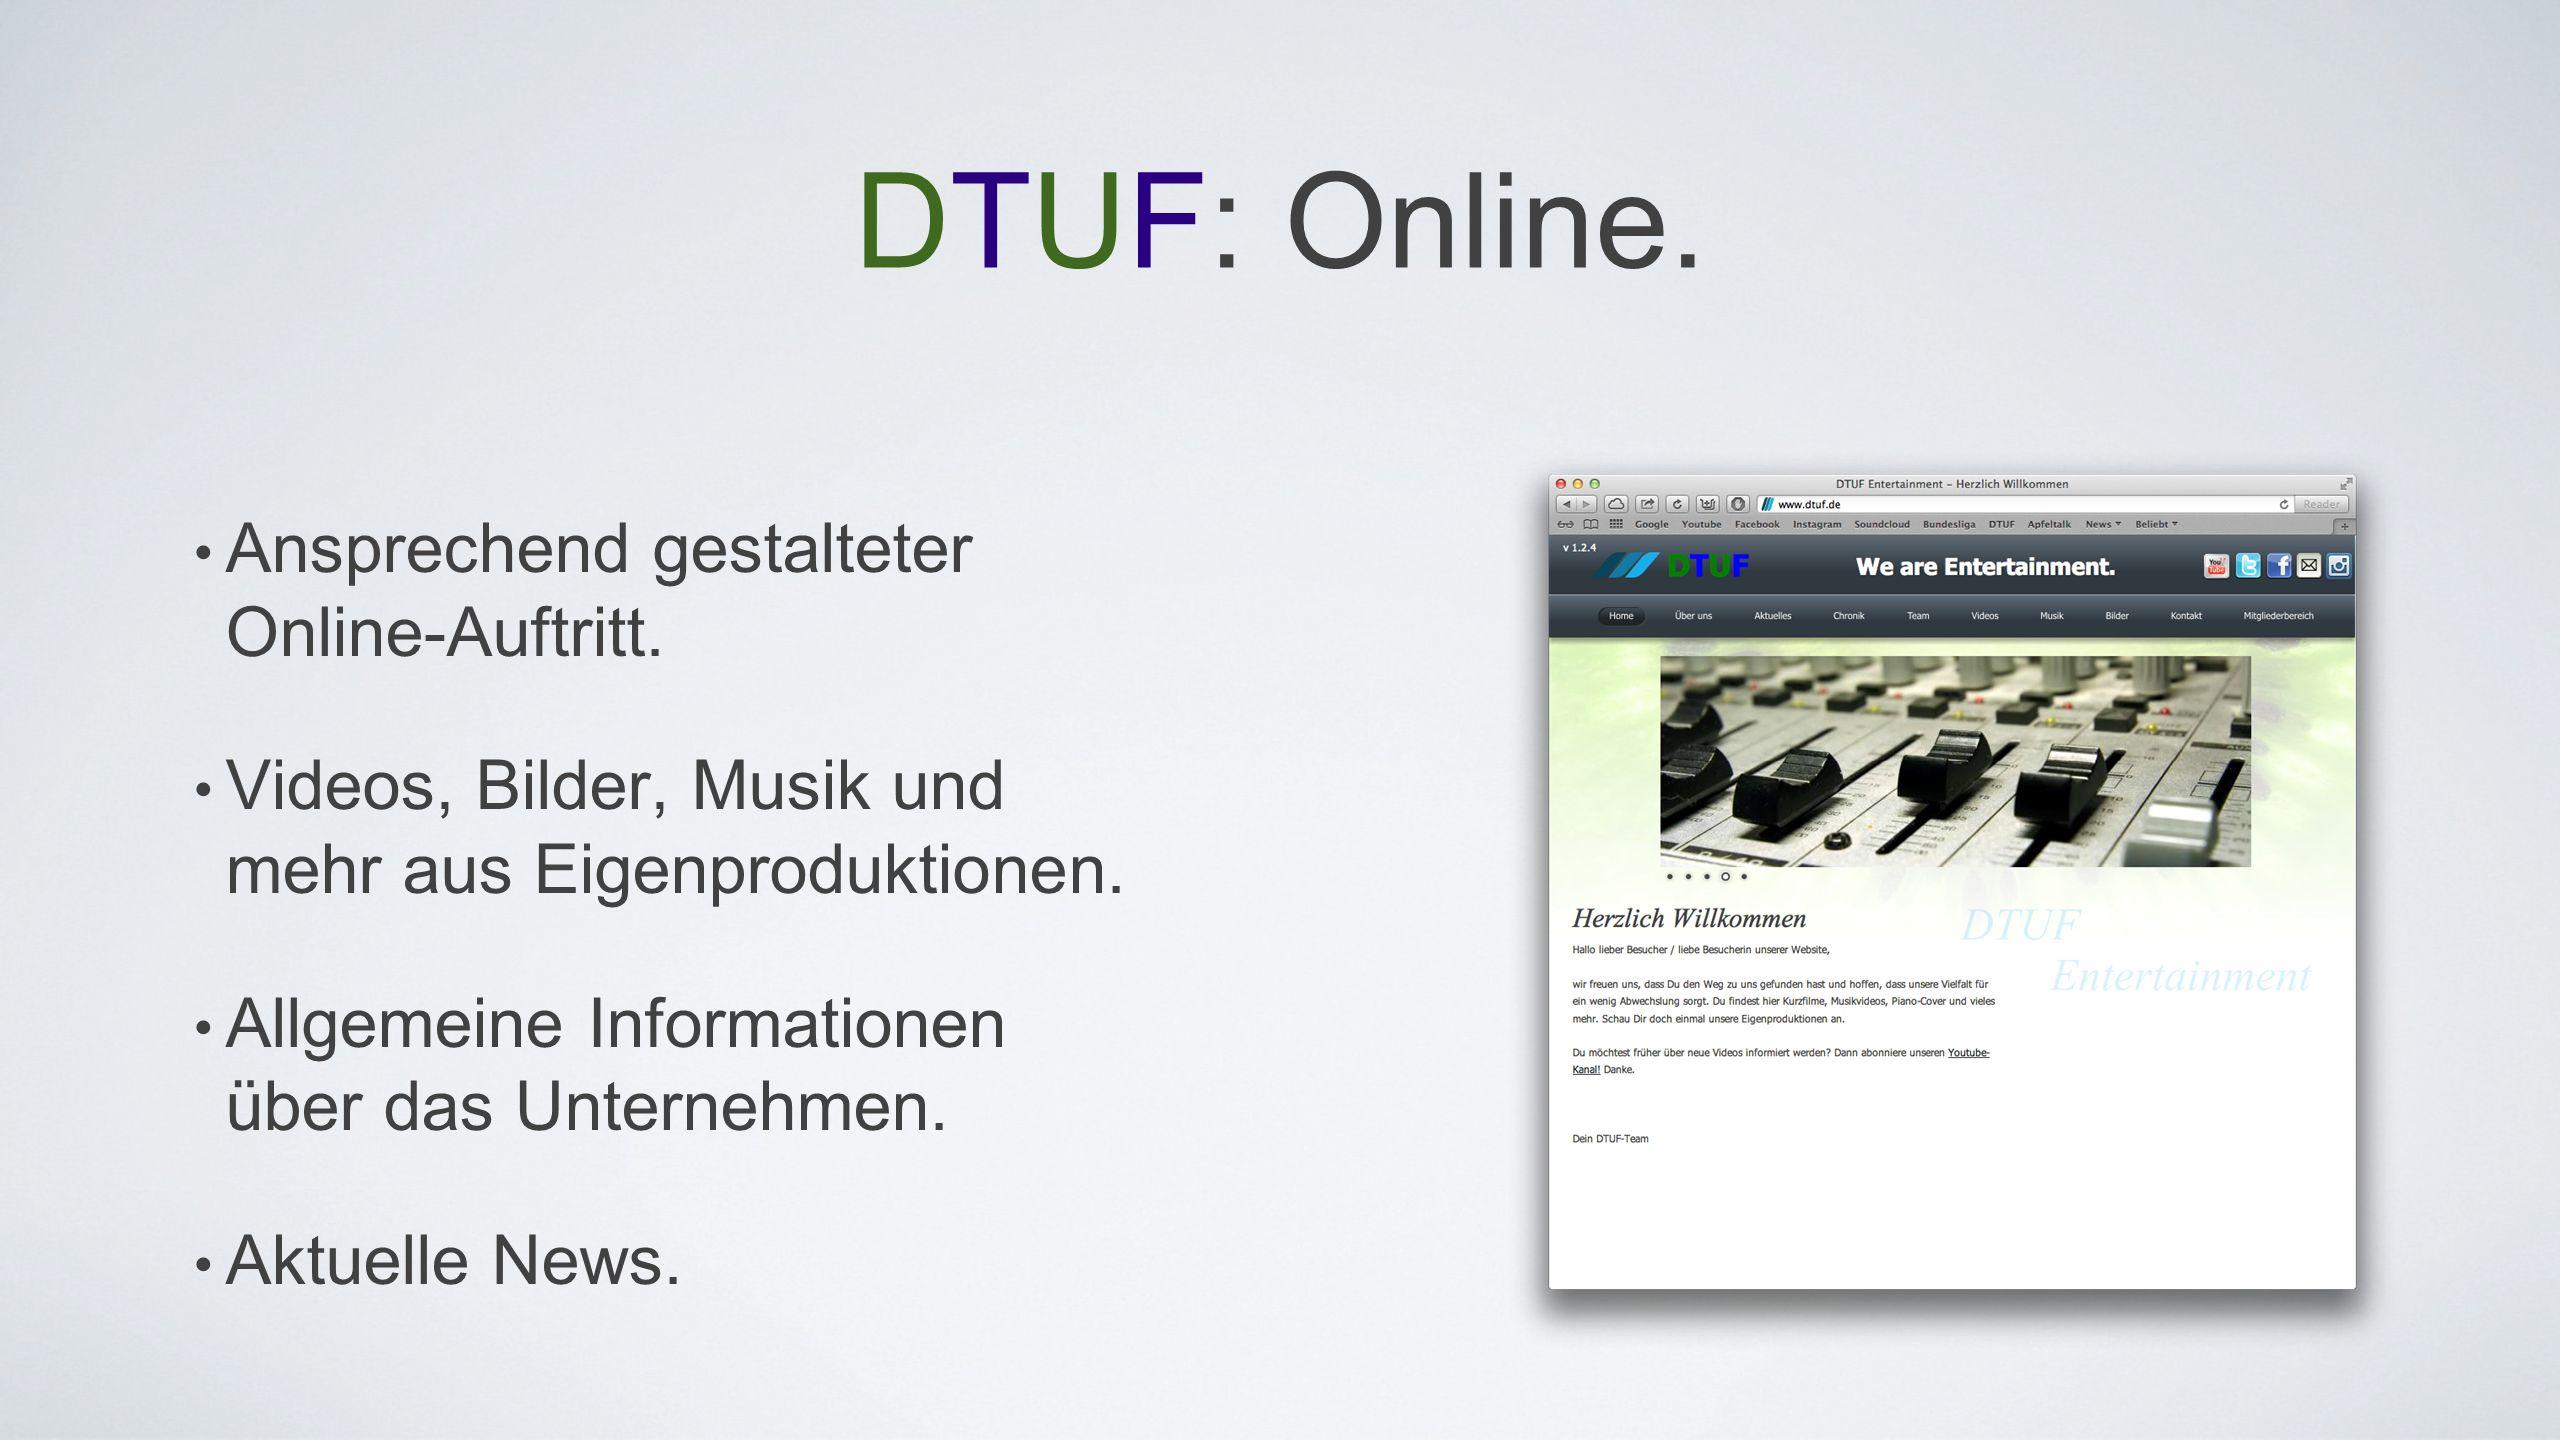 DTUF: Social Network.